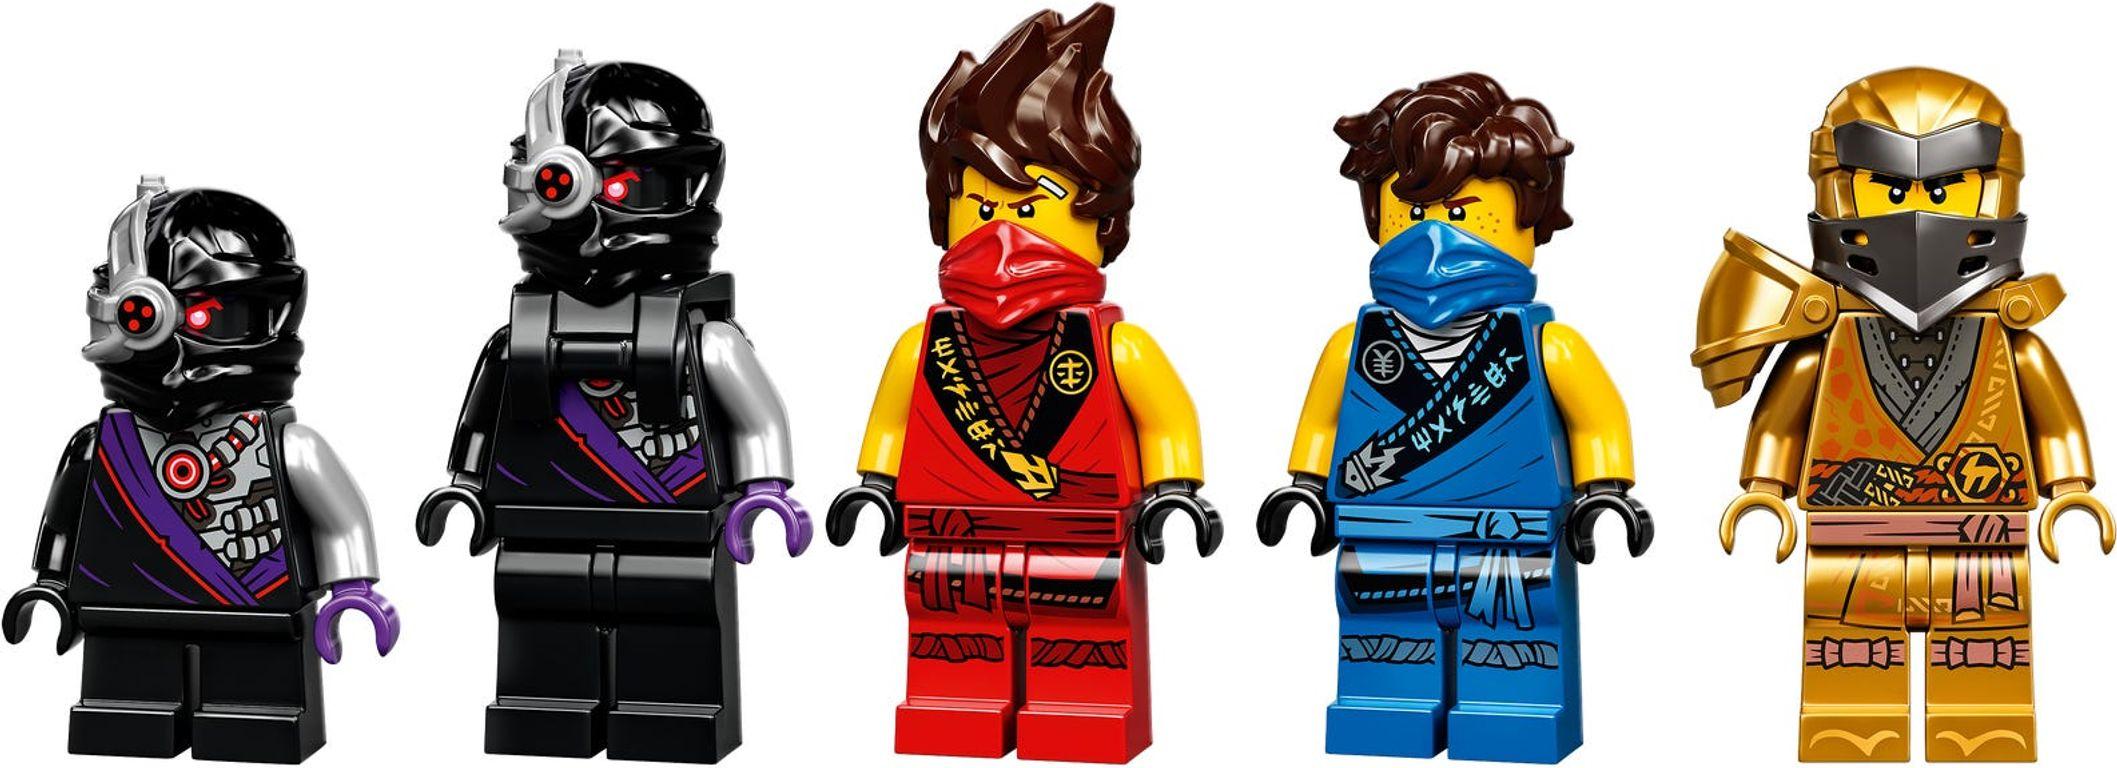 X-1 Ninja Charger minifigures